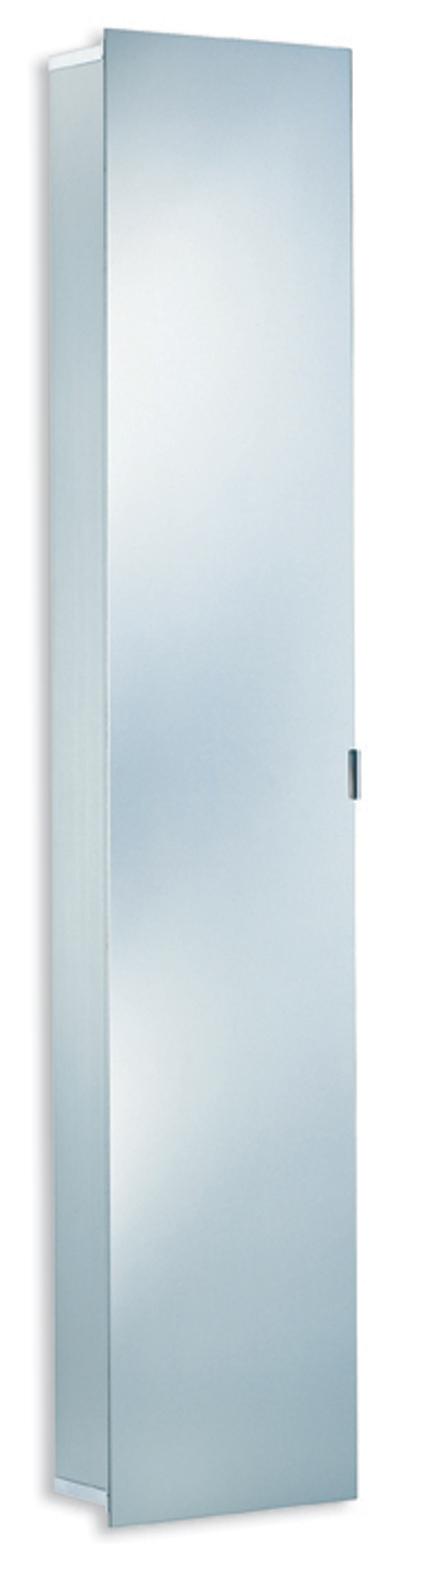 HSK ASP 500 Alu Spiegelkast hoge kast Afmetingen B 35 x H 175 x D 17